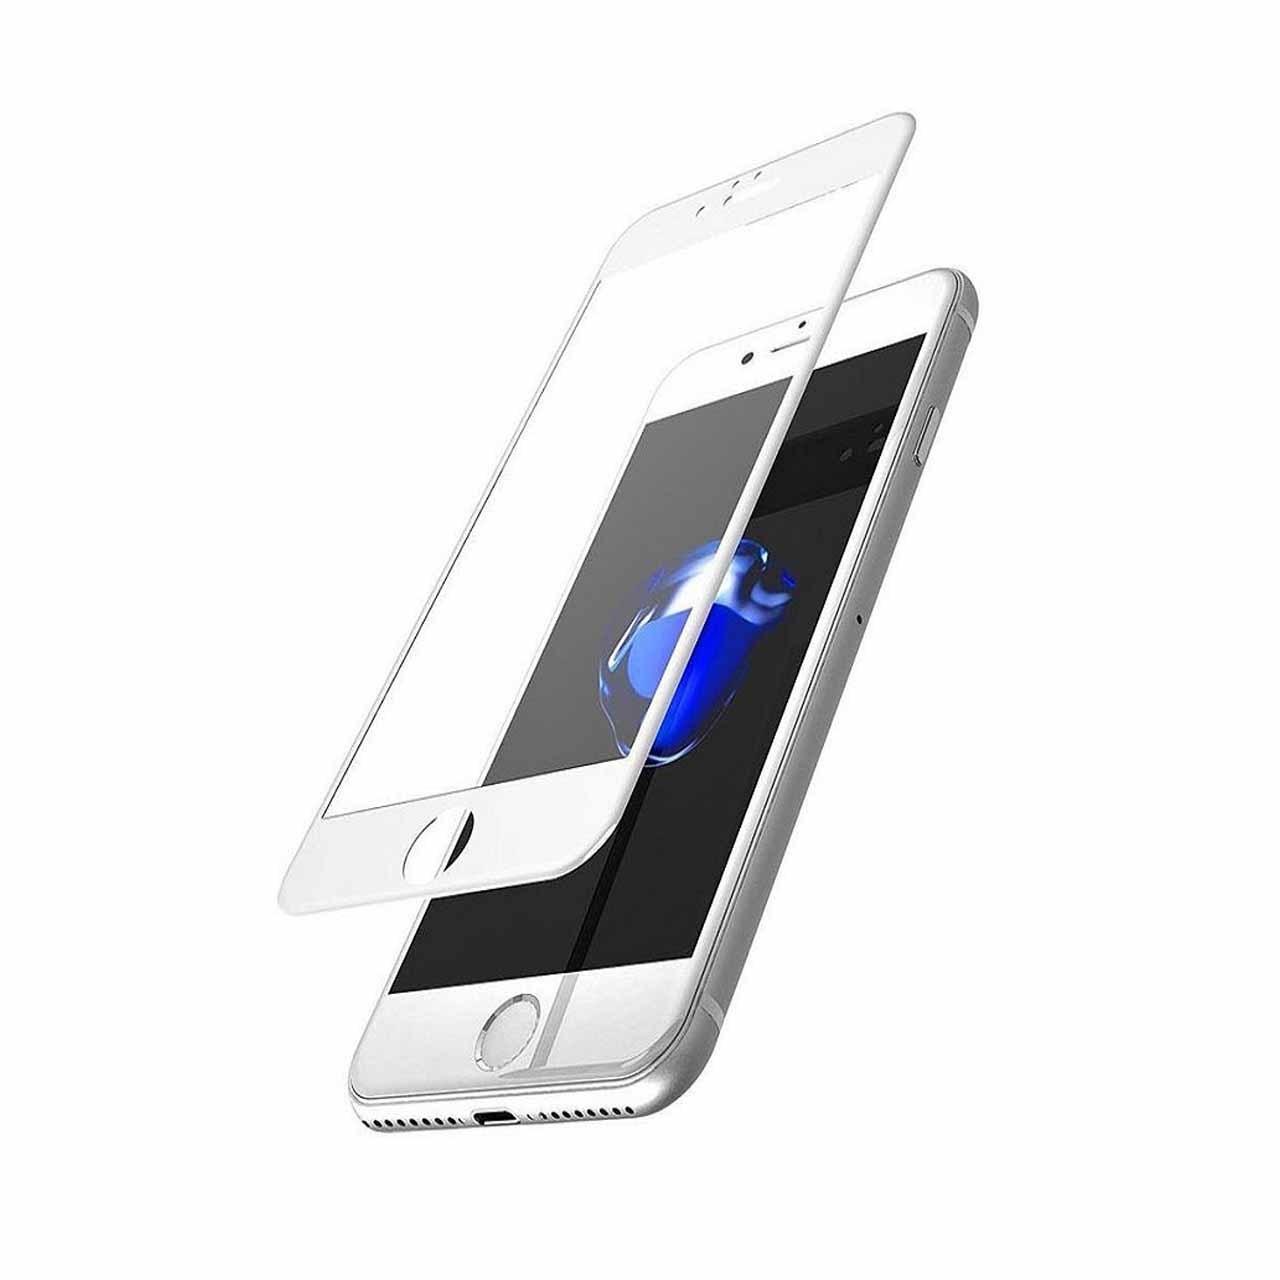 محافظ صفحه نمایش گلس مدل 4D GLASS مناسب برای آیفون 7پلاس